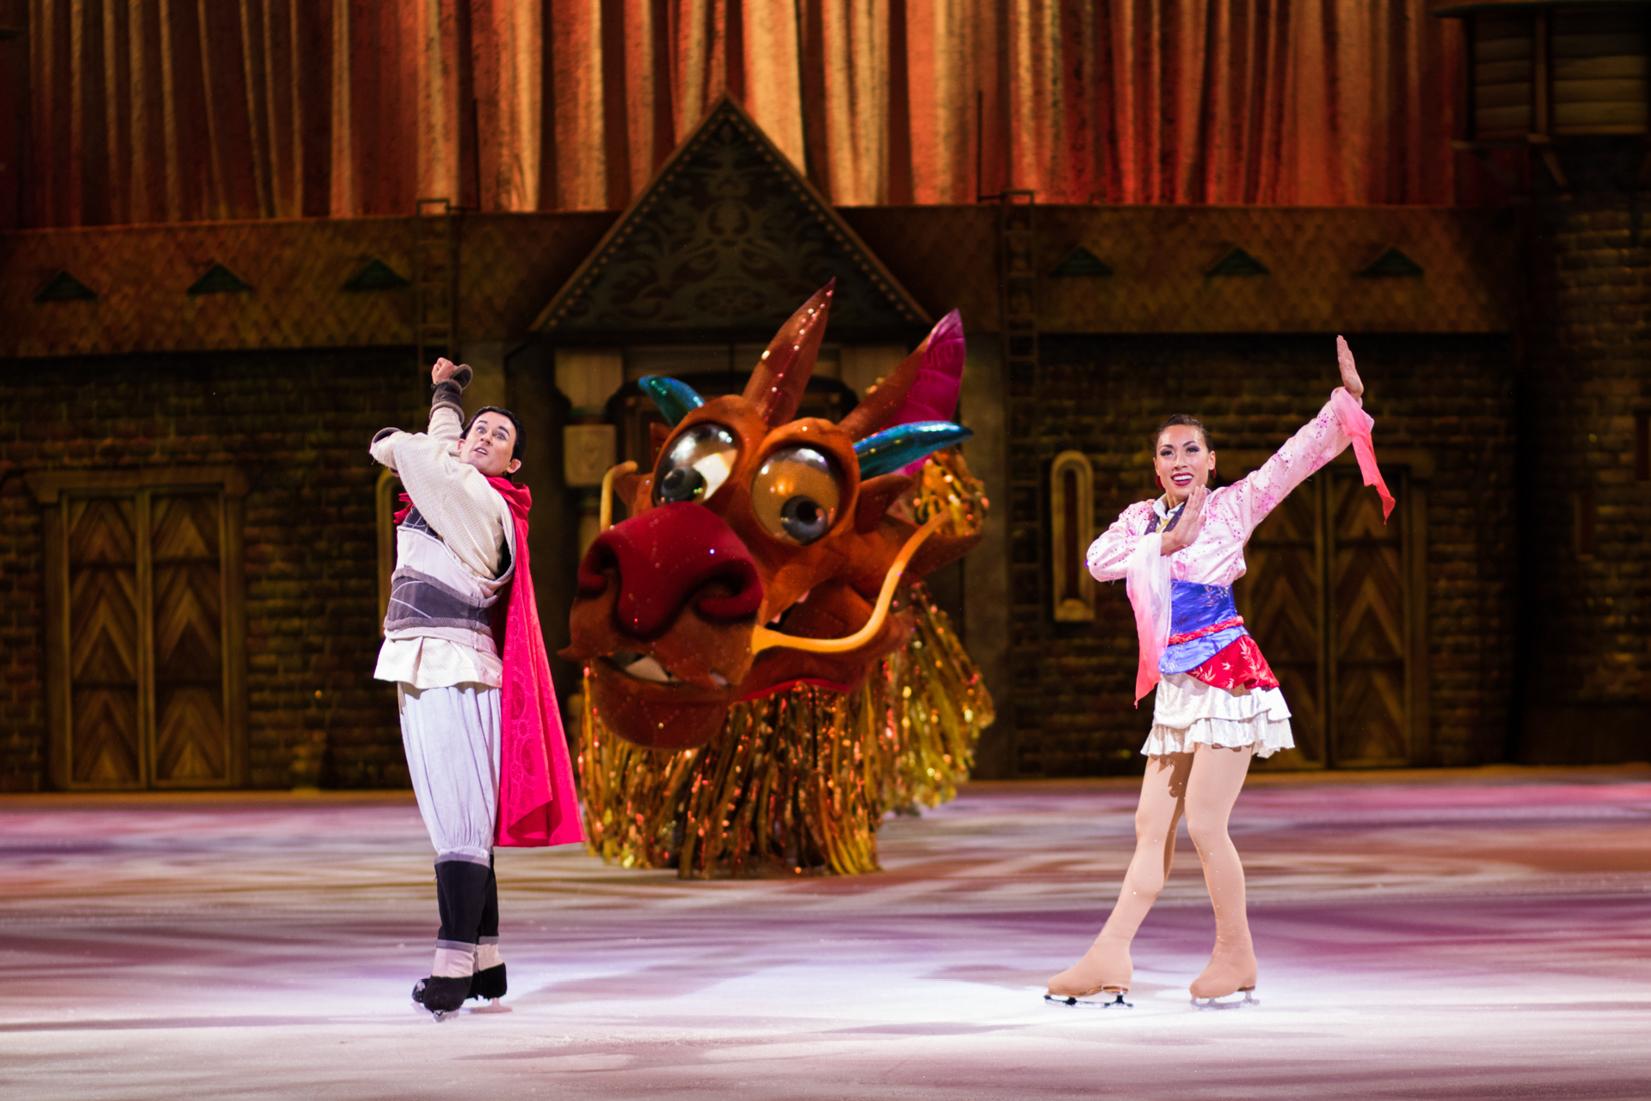 Mulan and Li Shang on Ice